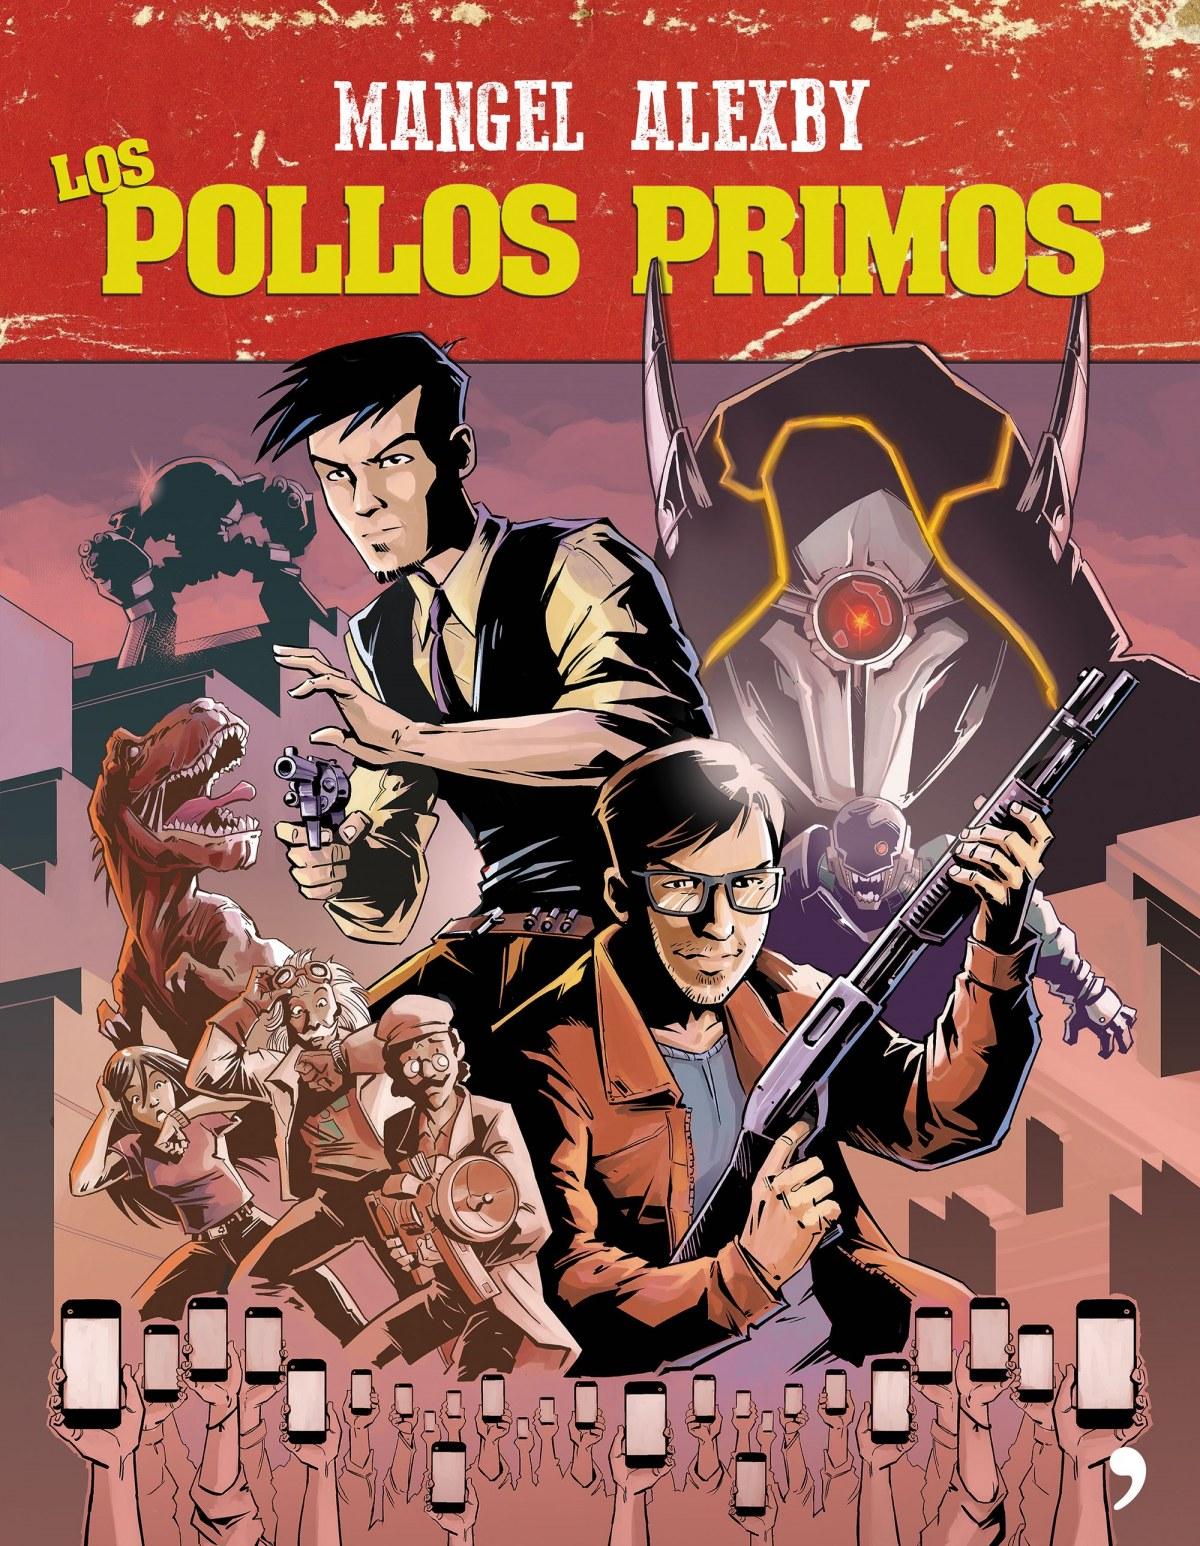 LOS POLLOS PRIMOS